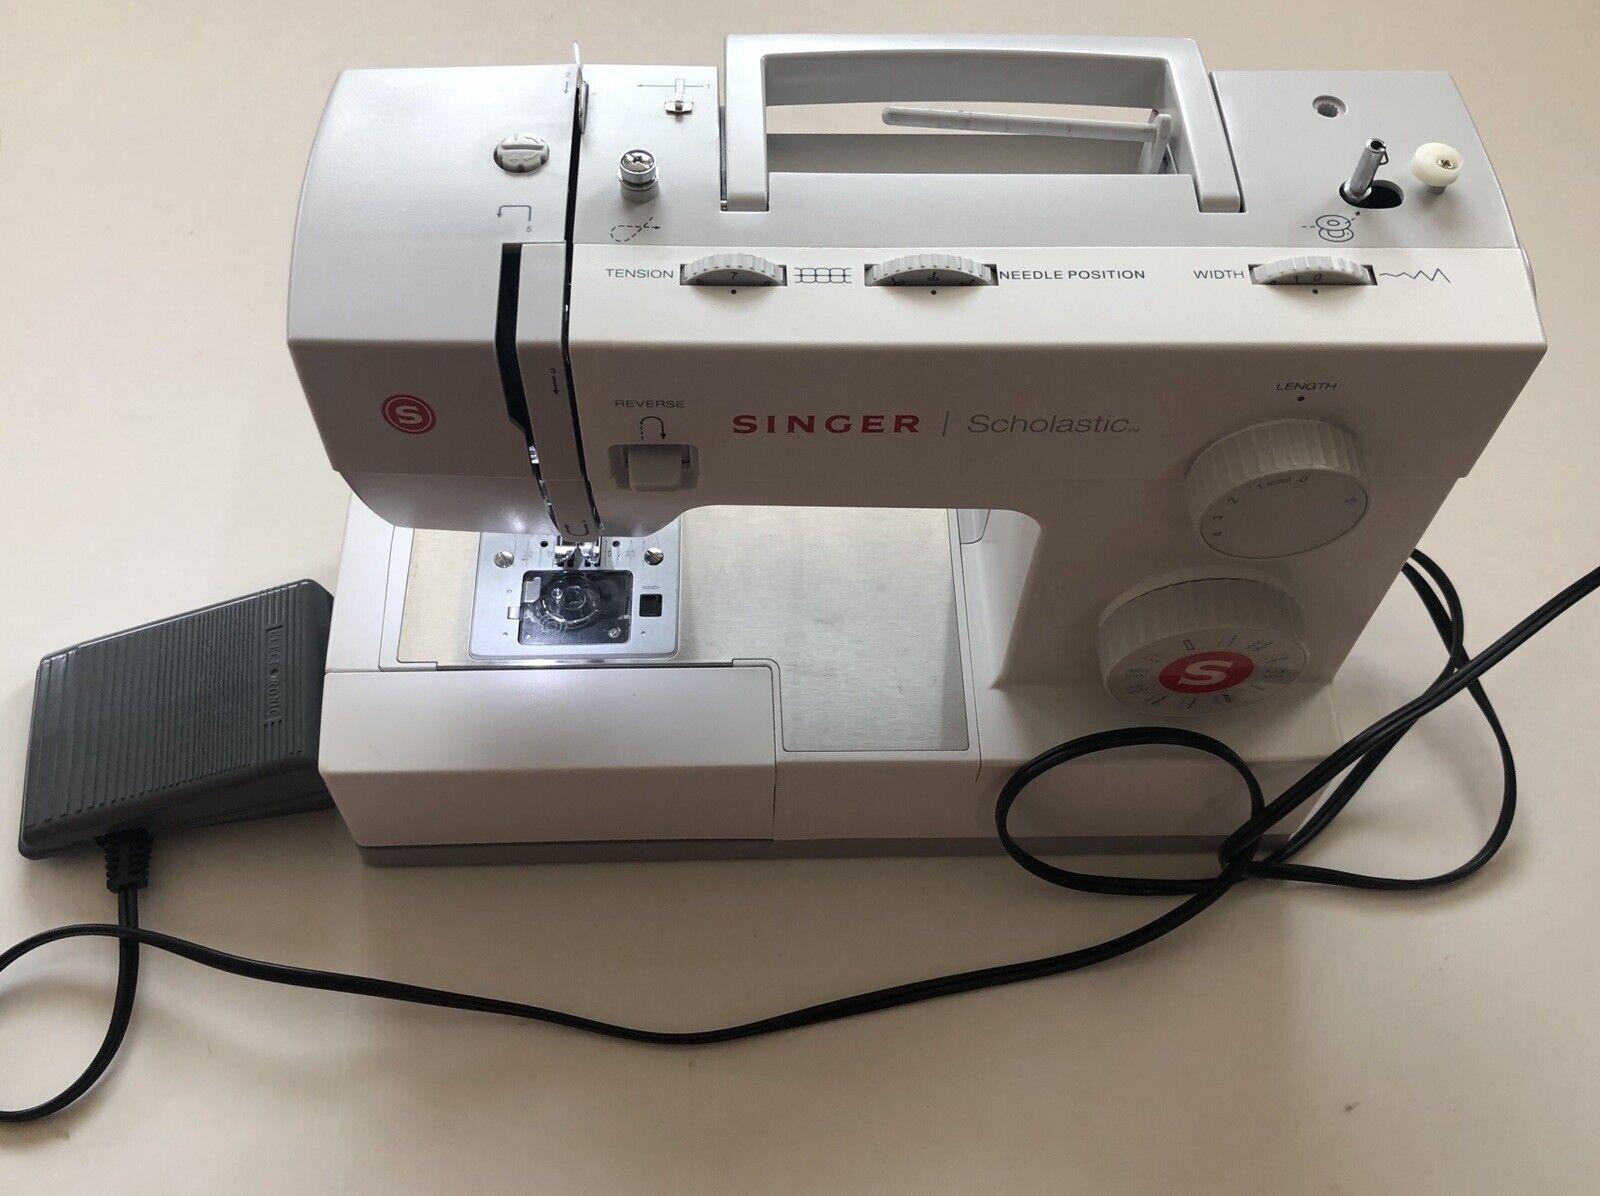 s l1600 - Singer 5523 Scholastic Heavy Duty Sewing Machine Please Read Description